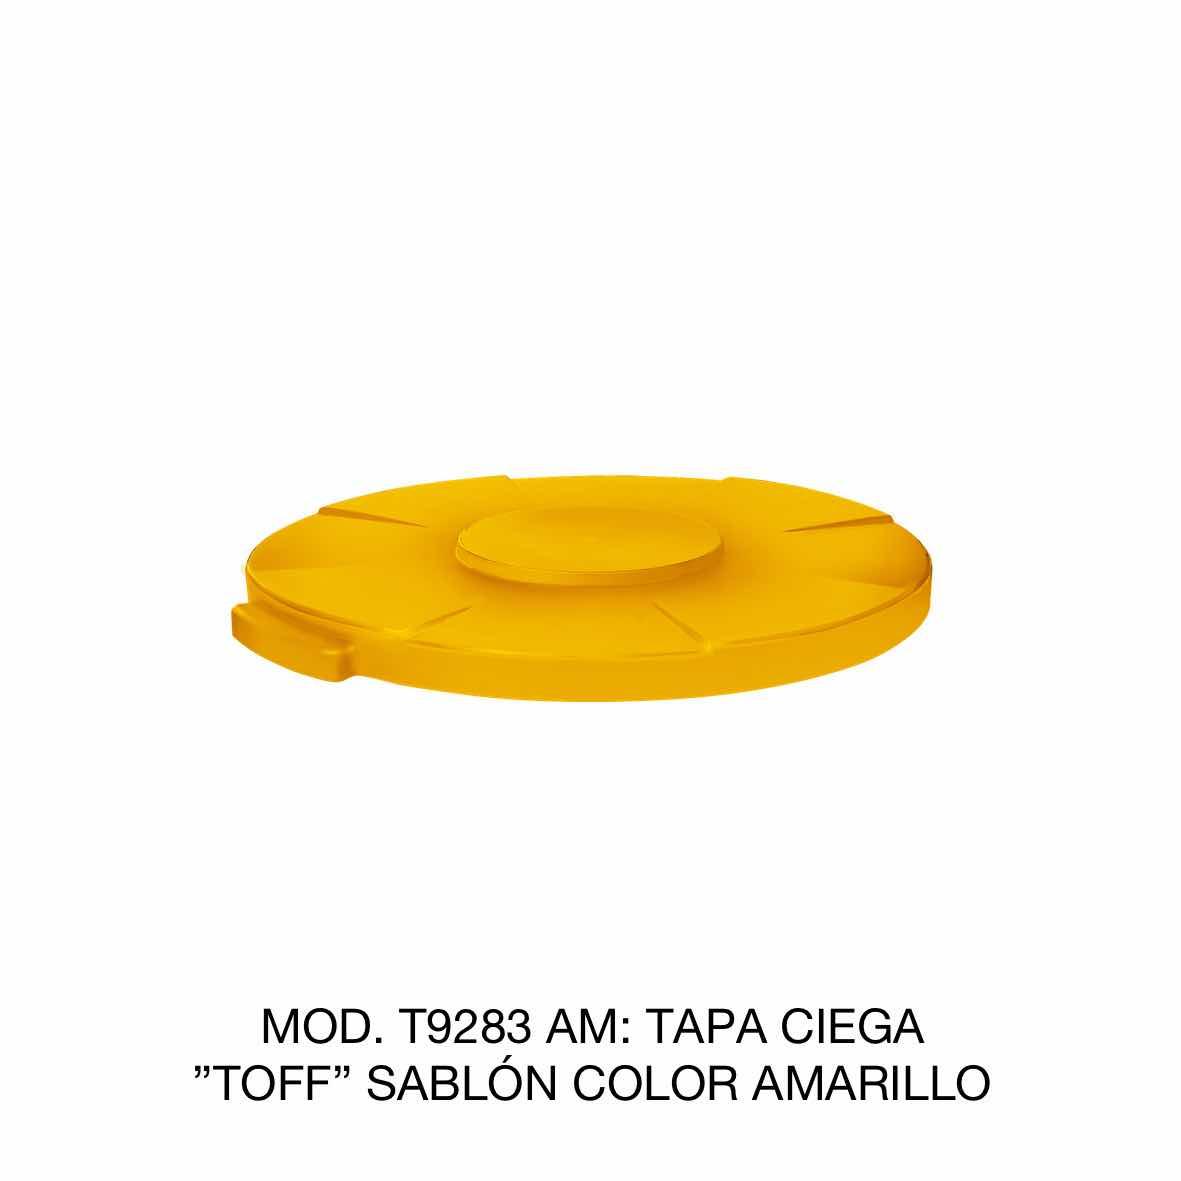 Tapa para contenedor de basura de 120 litros TOFF modelo T9283 AM color amarillo de Sablón